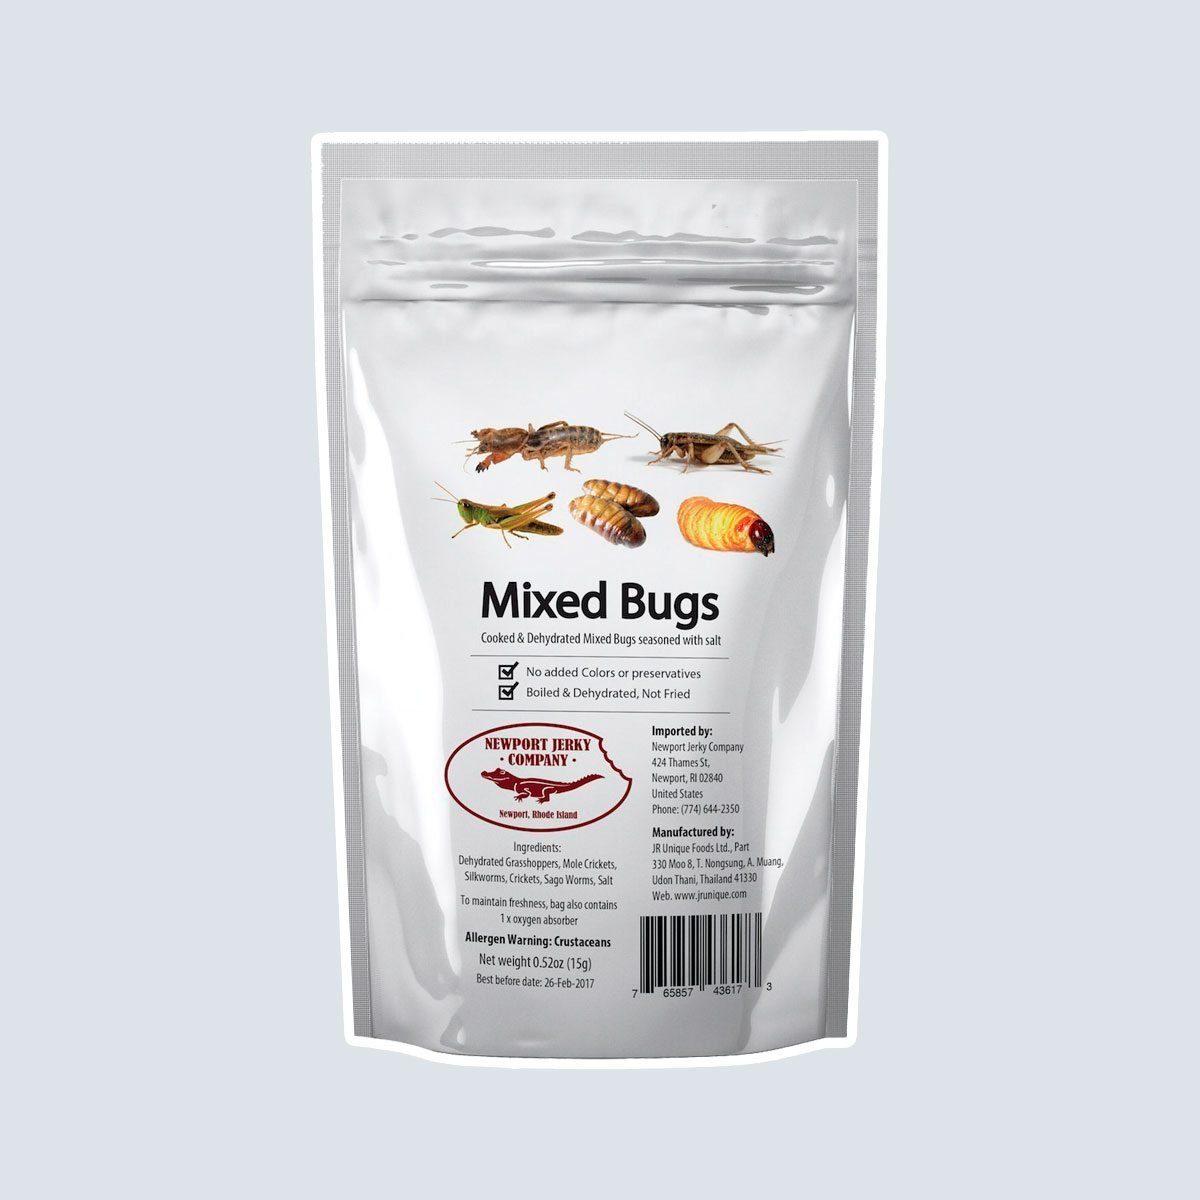 mixed bug to buy on amazon